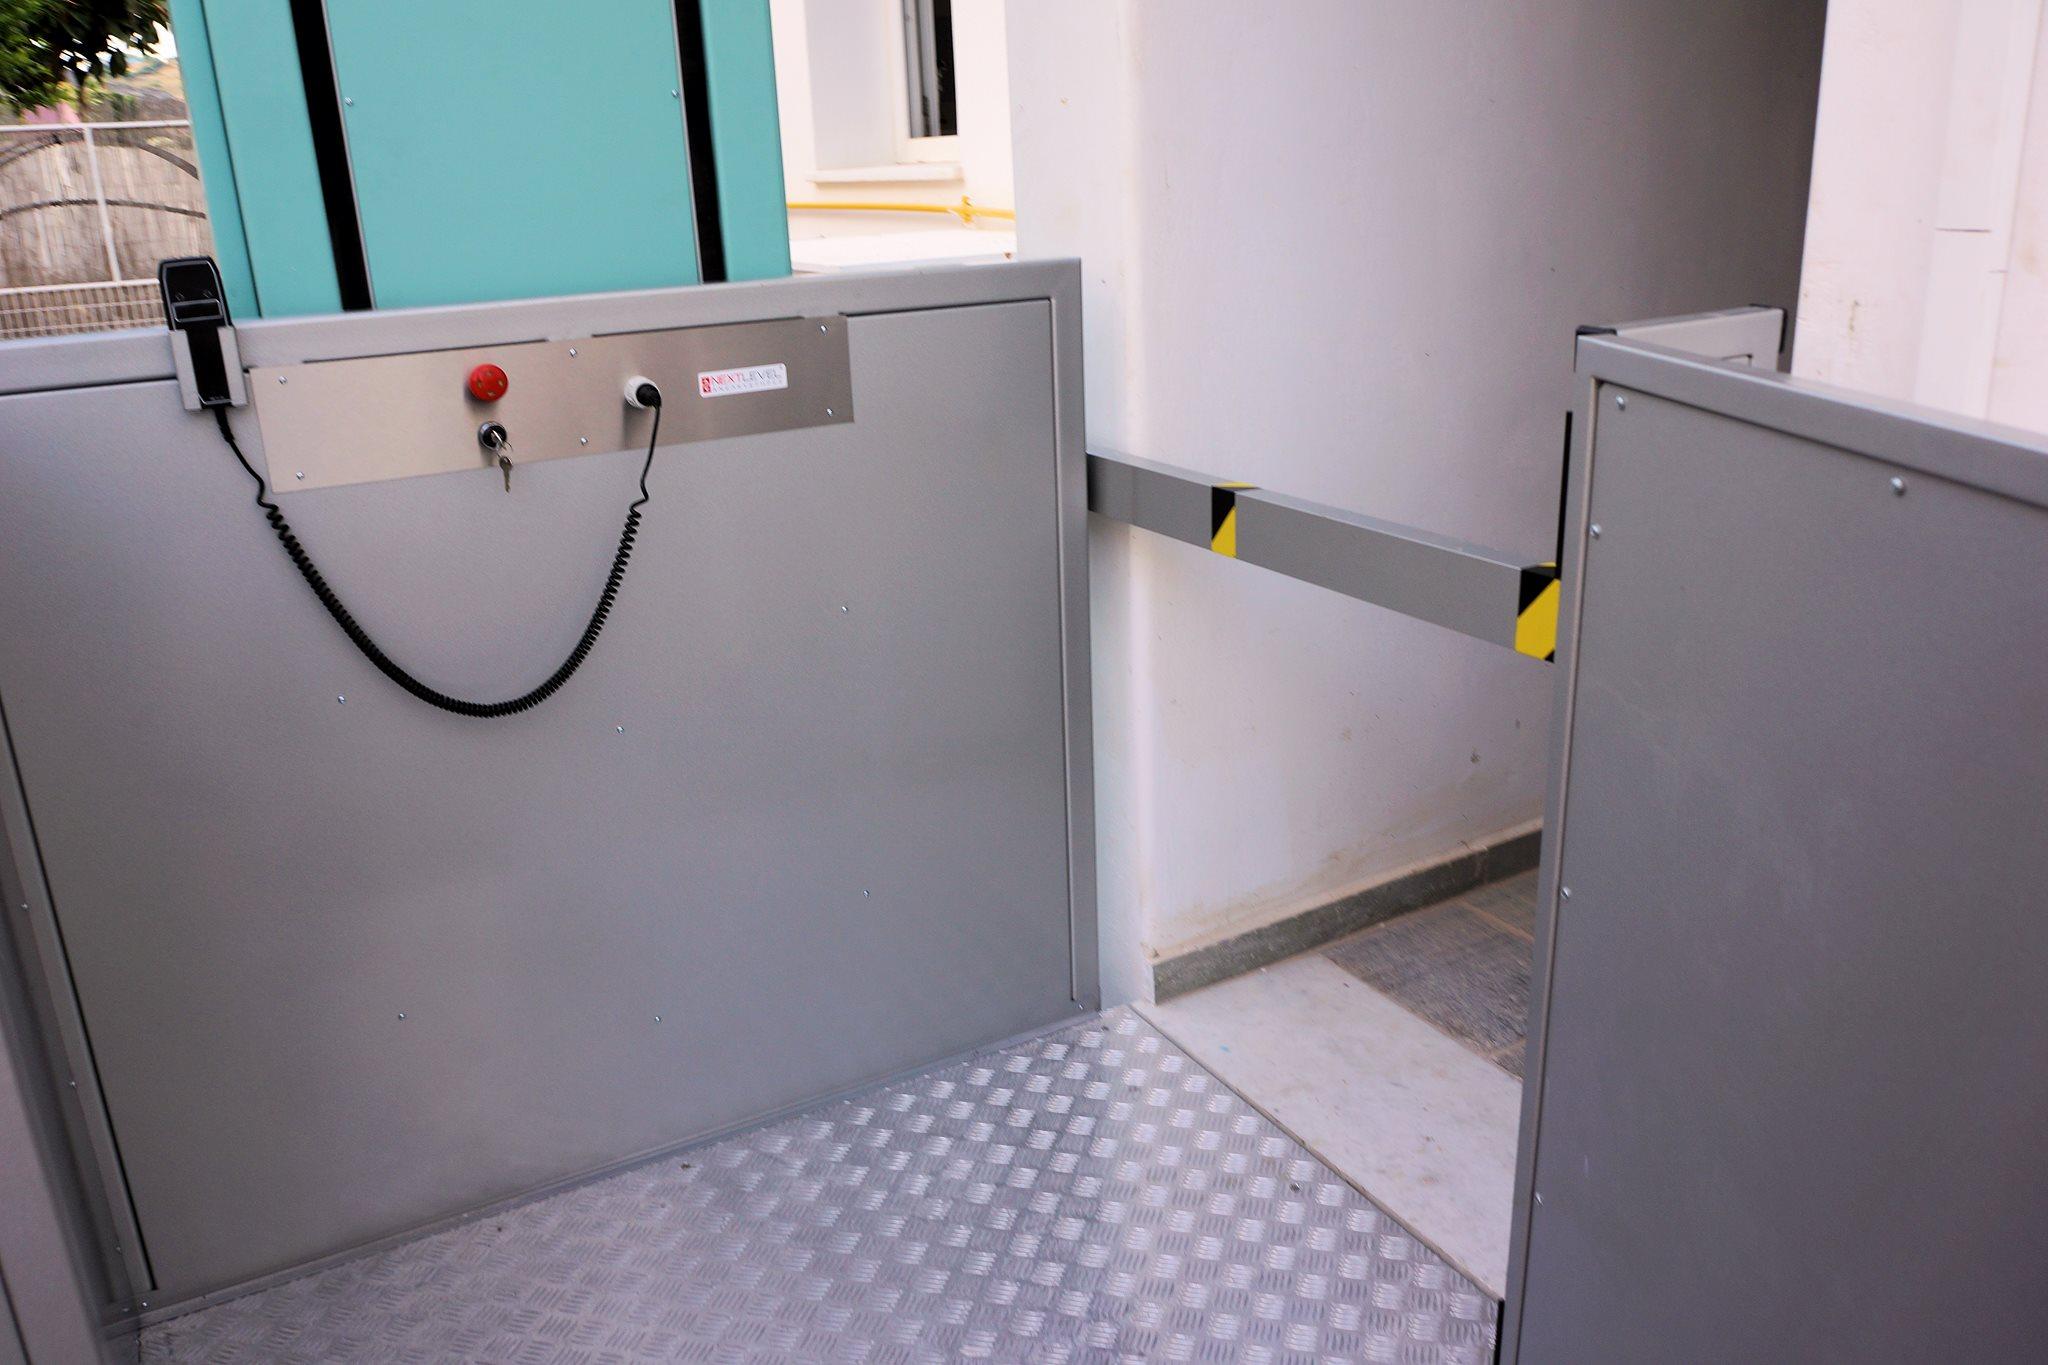 αναβατοριο ασανσερ εξωτερικο kleemann vertiplat (7)